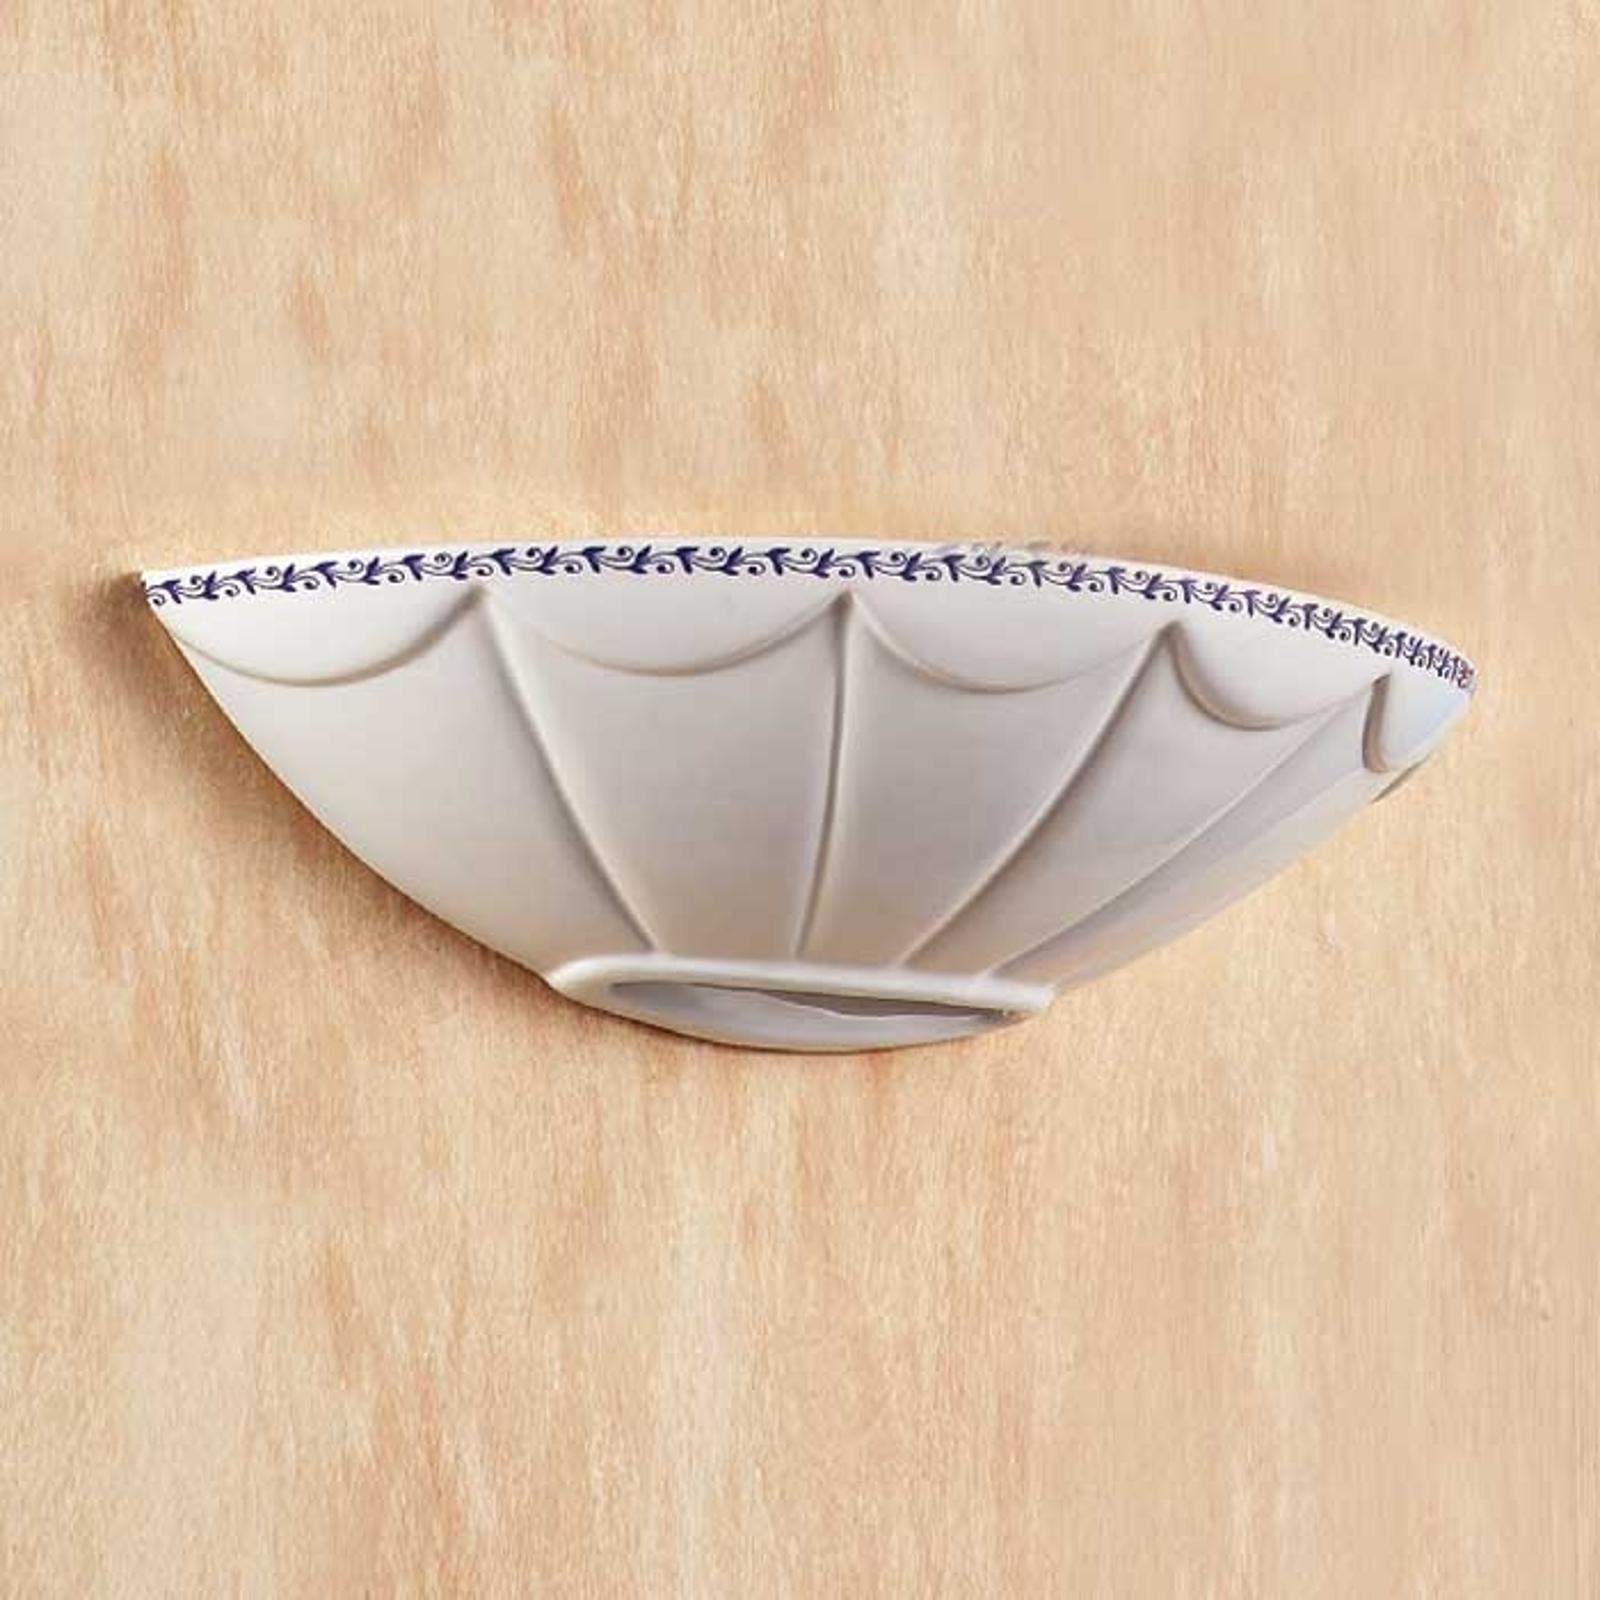 Aplique Il Punti, placa semicircular de cerámica